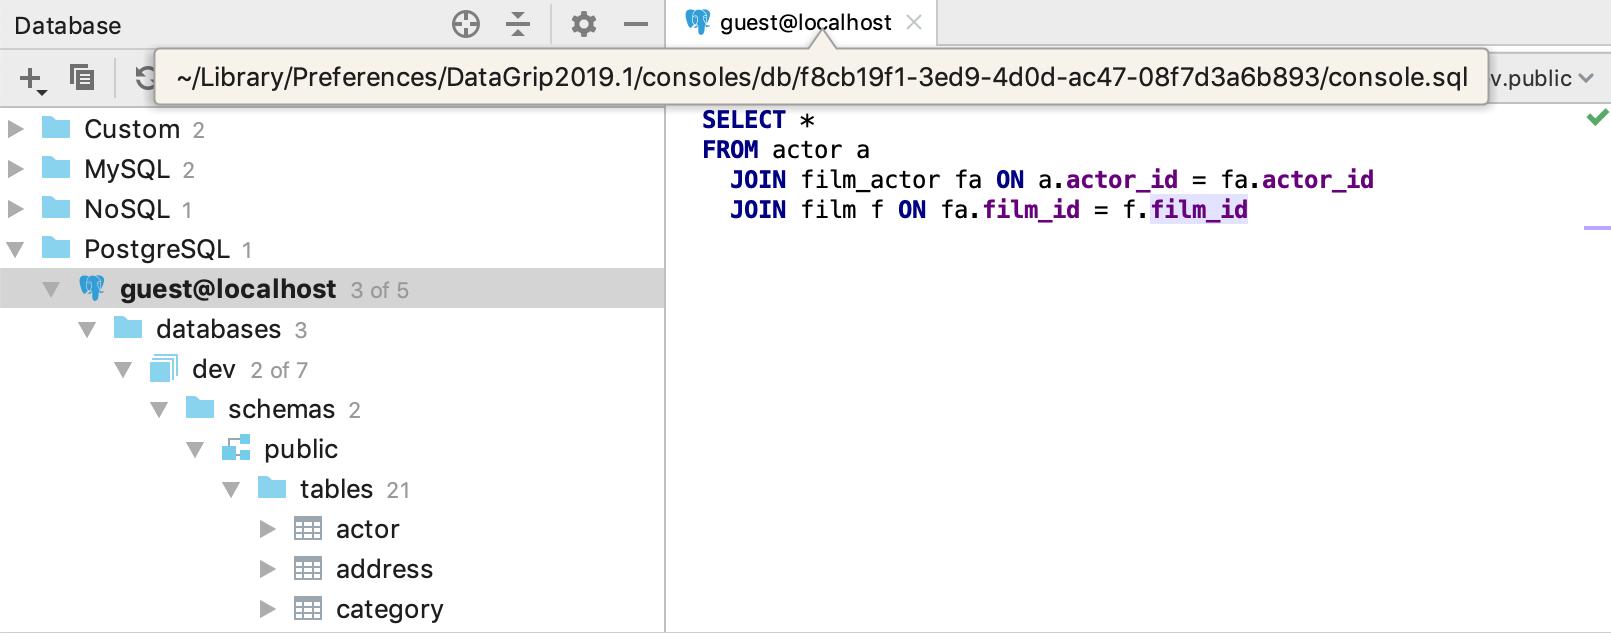 [Jetbrains GataGript] 4 cách để làm việc với các tệp trong DataGrip